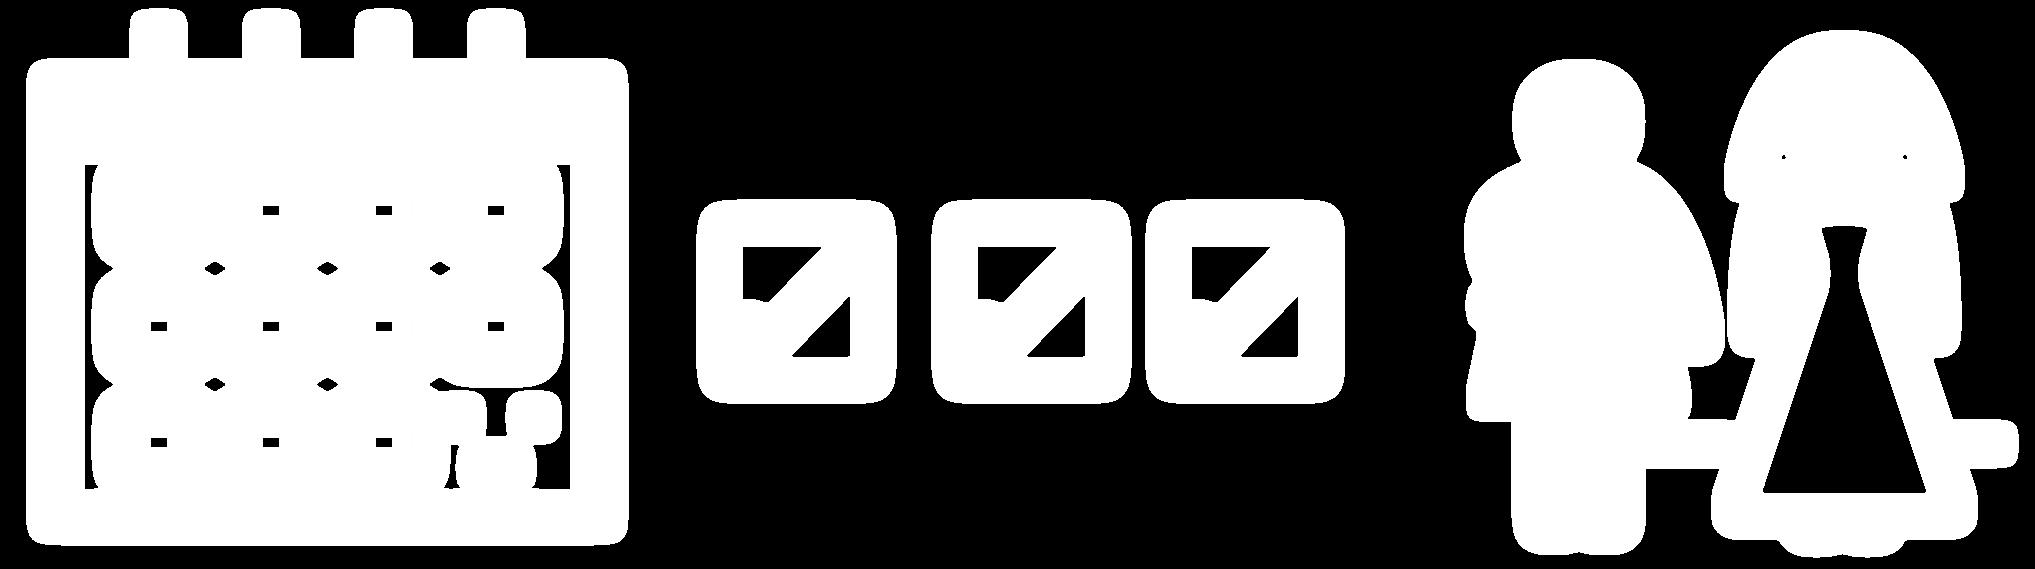 Design 32.png